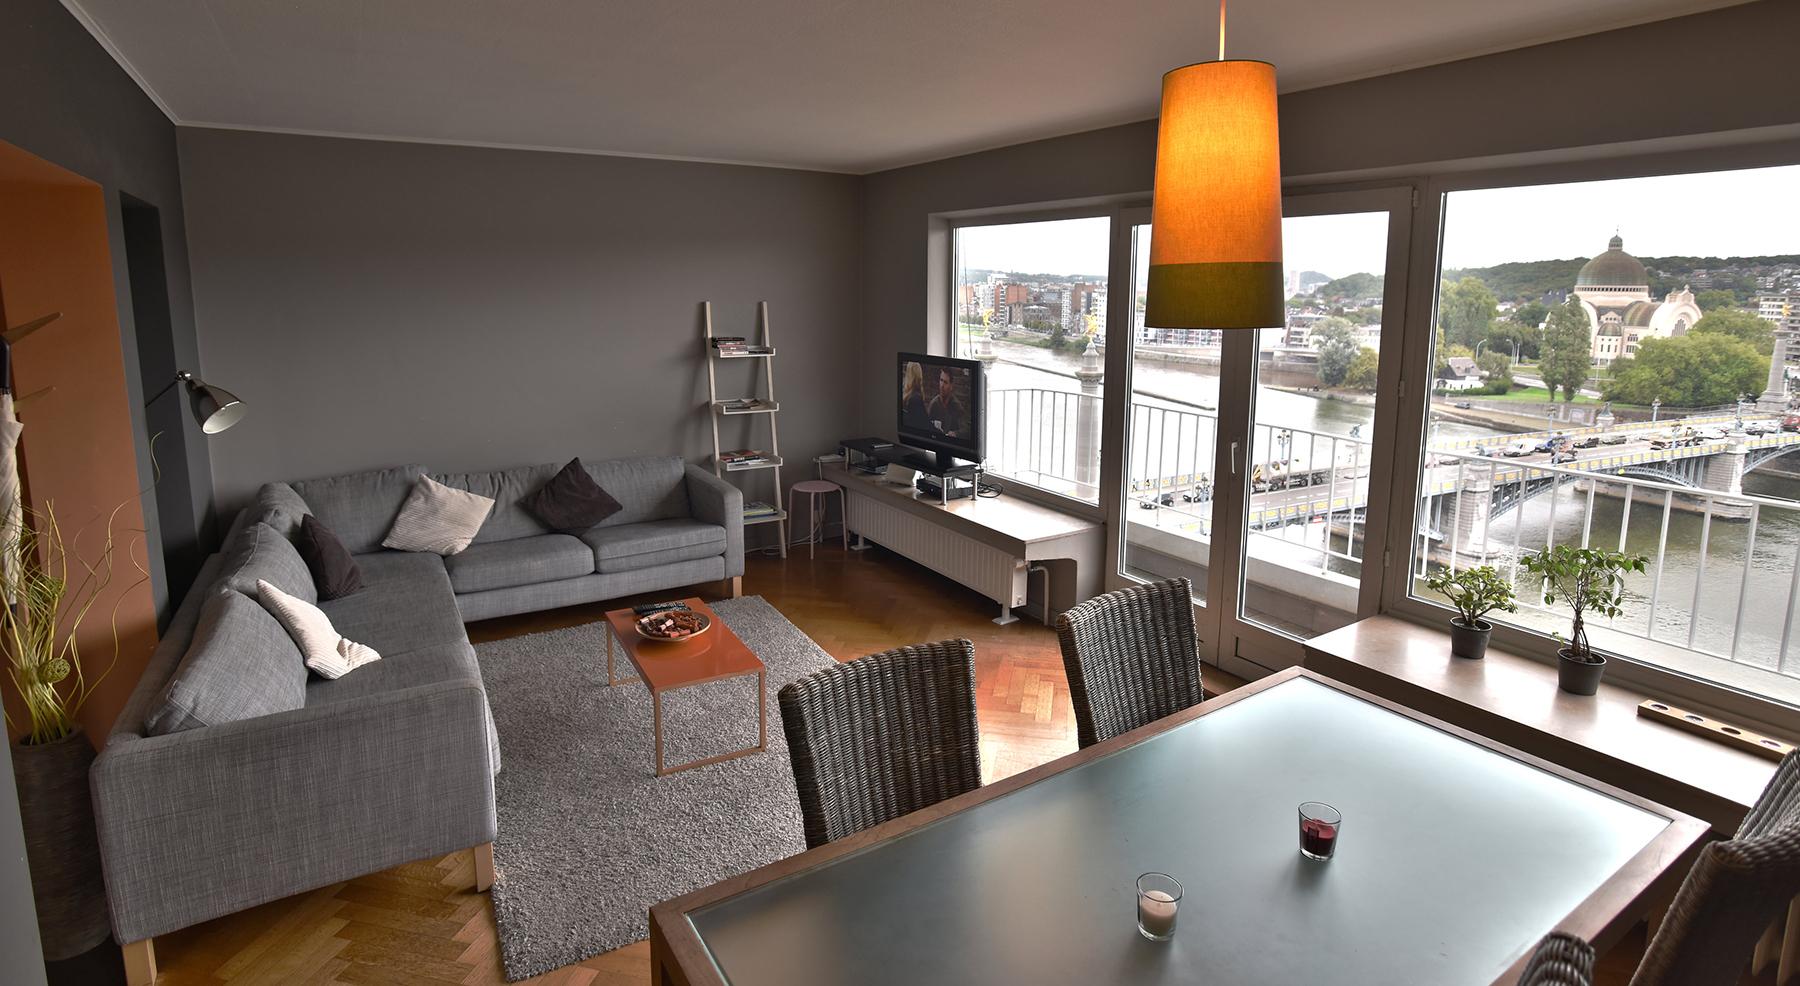 Location Courte Durée À Liège | La Renommée avec Location Meublée Courte Durée